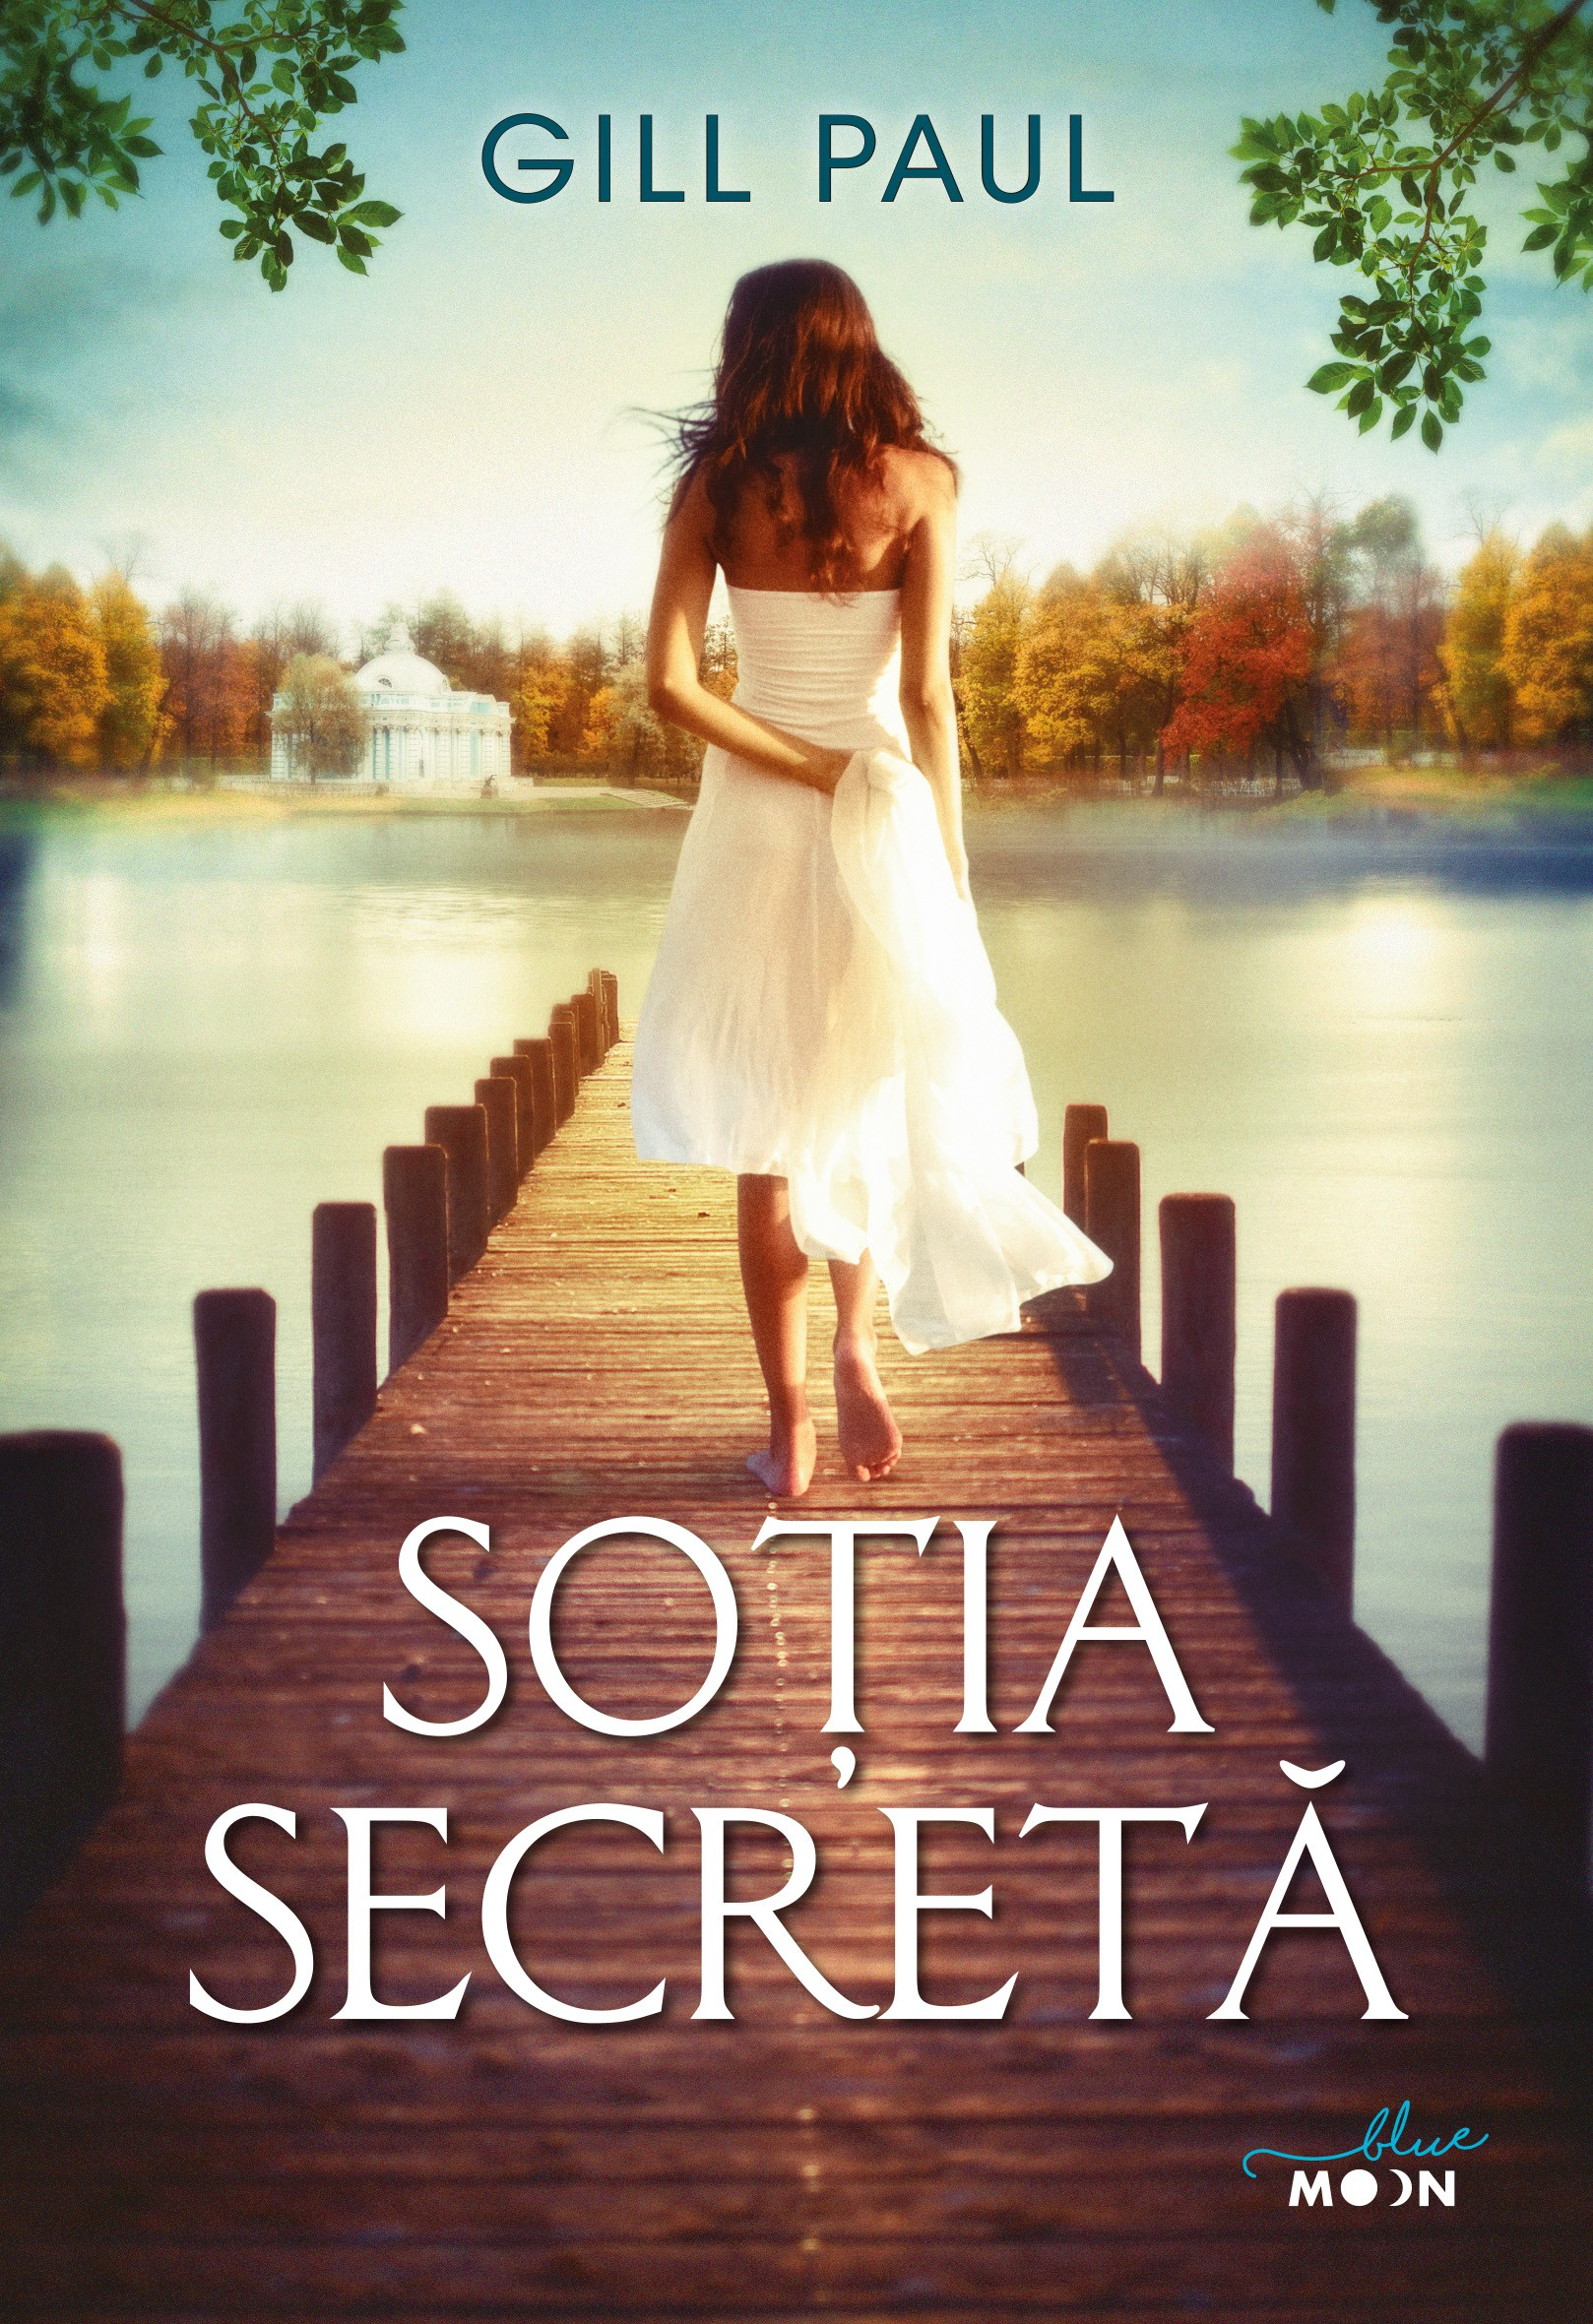 Sotia secreta | Gill Paul